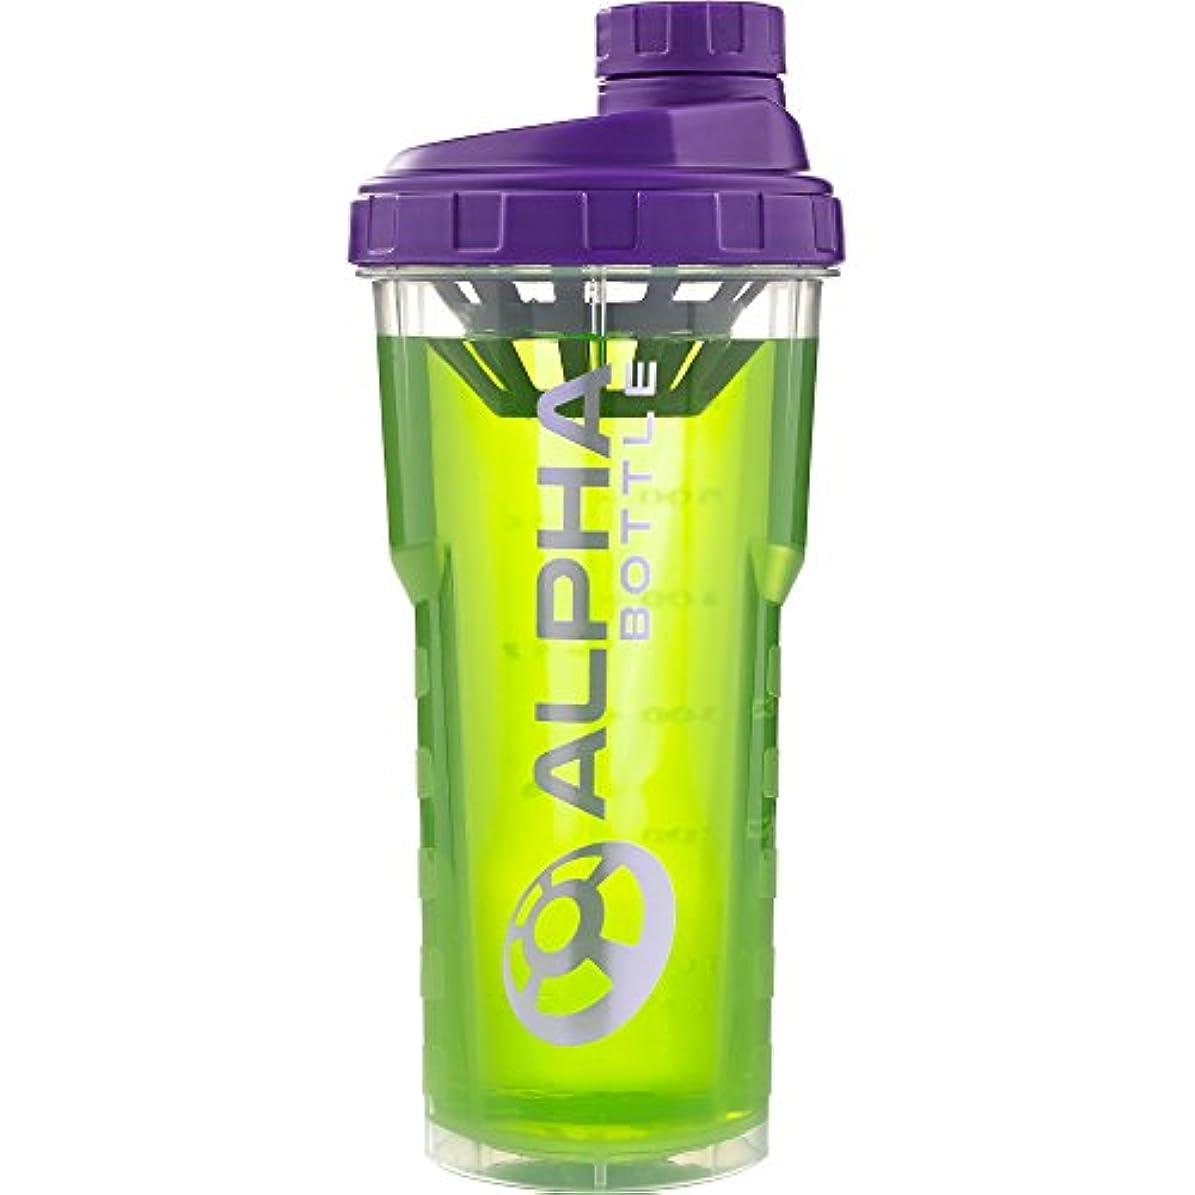 作成する無効にするれるアルファボトル 25オンス BPAまたはDEHP不使用プロテインシェイカー-パープル